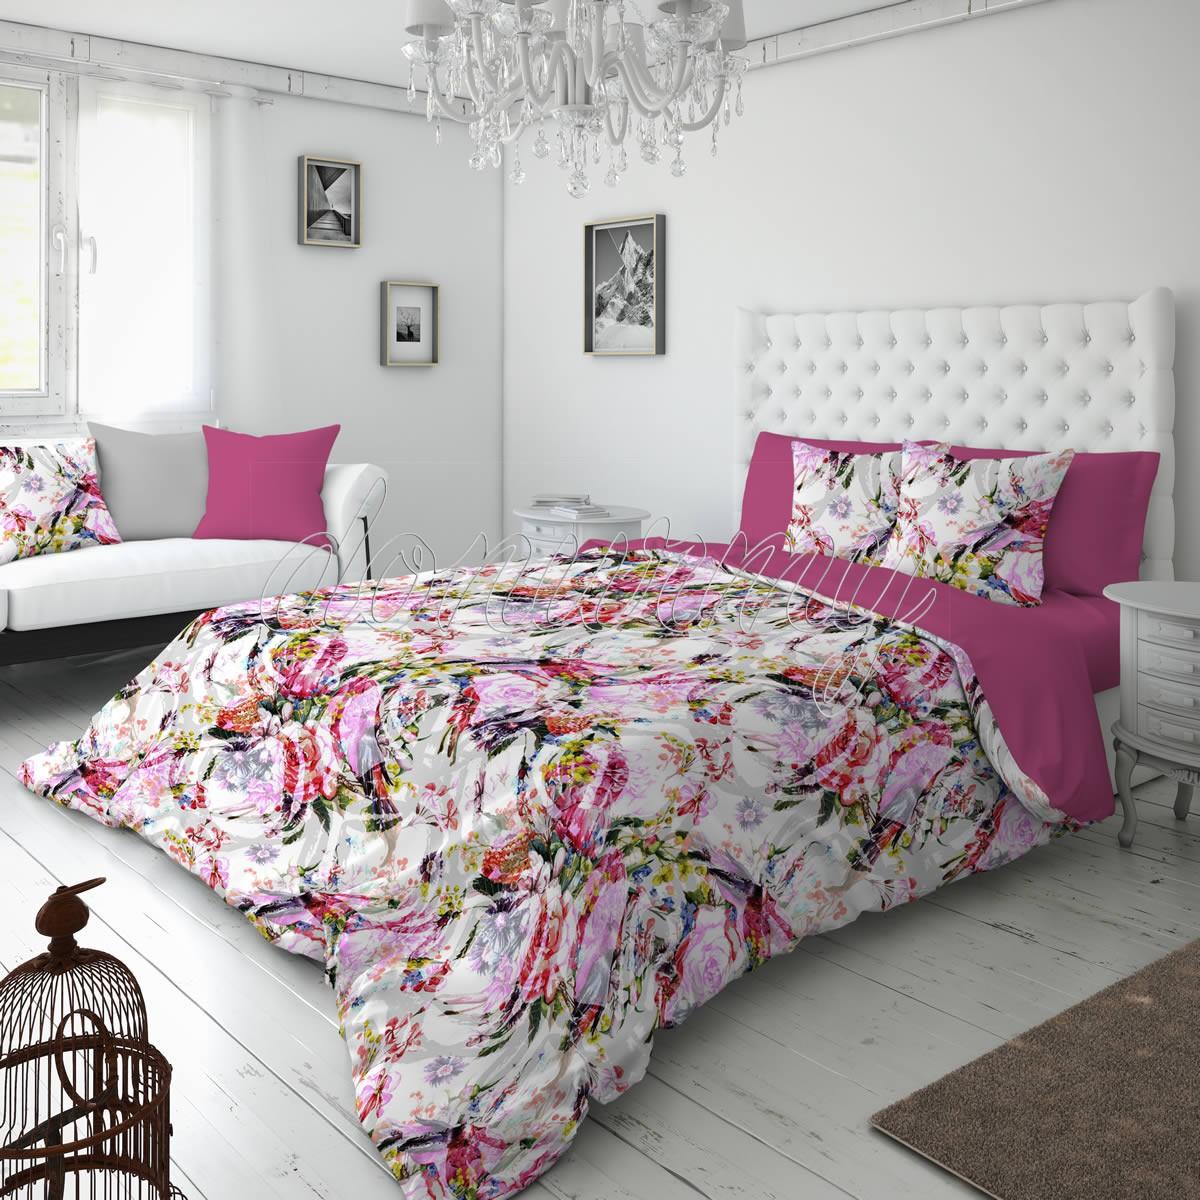 Ropa de cama de barbadella elegancia y color - Lexington ropa de cama ...